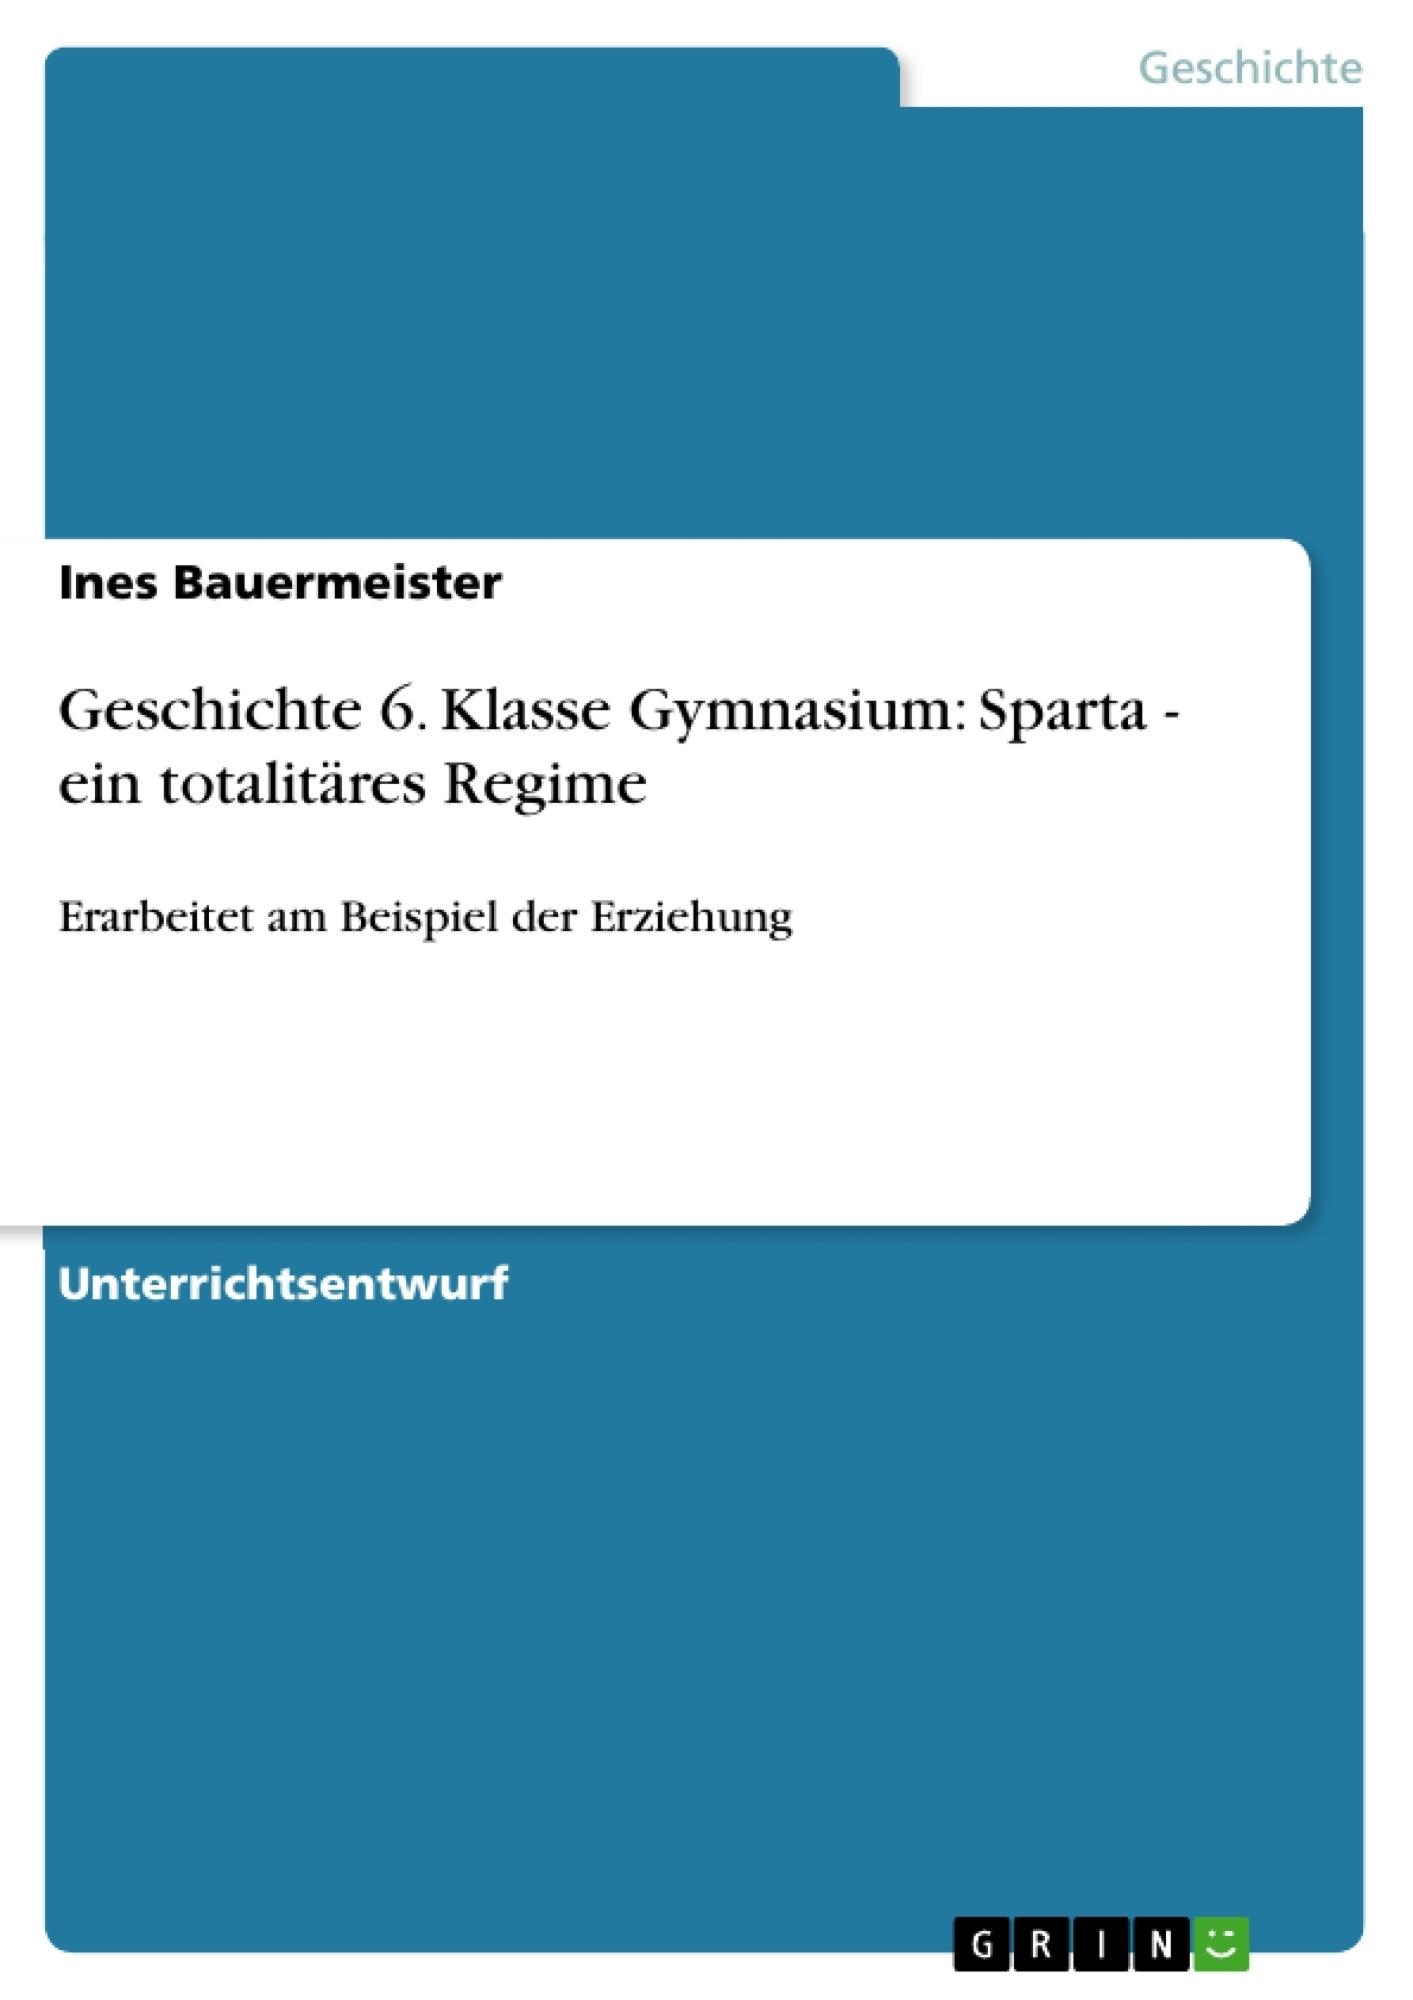 Titel: Geschichte 6. Klasse Gymnasium: Sparta - ein totalitäres Regime